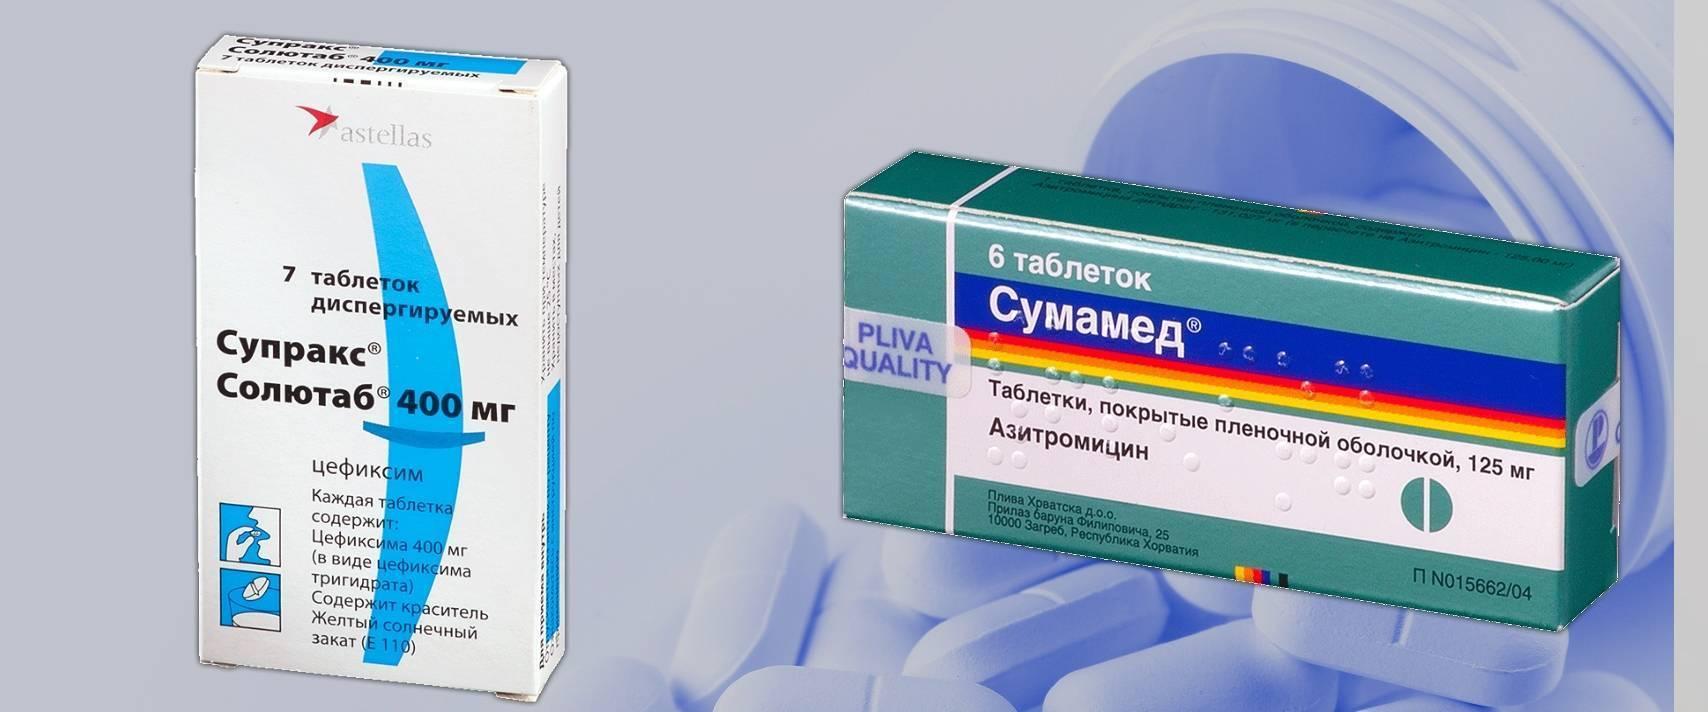 Аналоги антибиотика сумамед. инструкция, отзывы о препарате